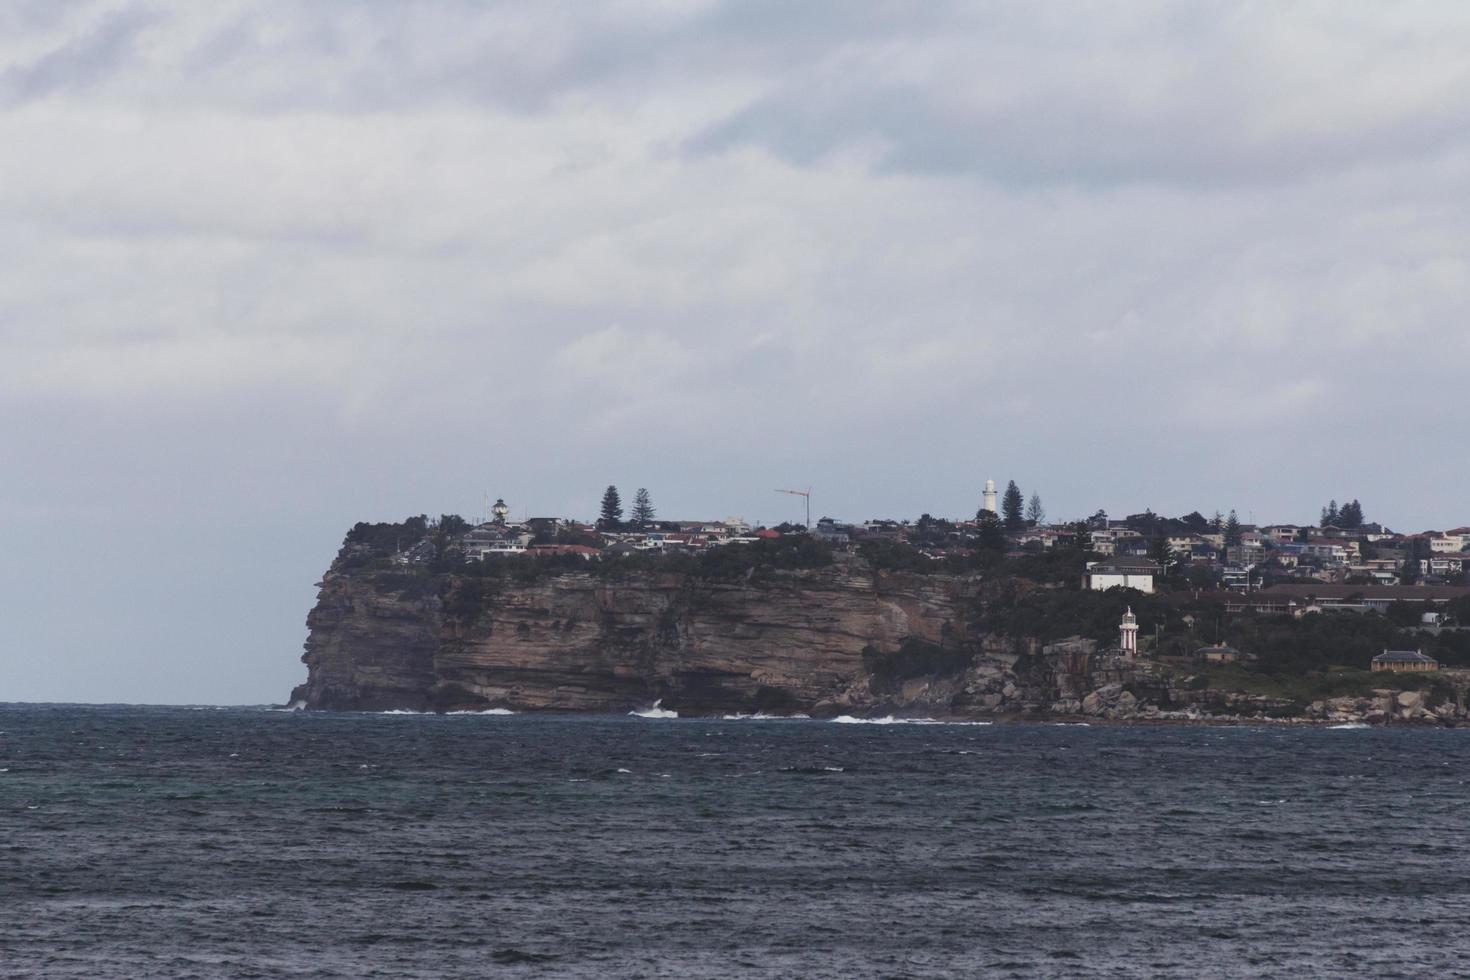 stadje op een klif vlakbij de zee foto